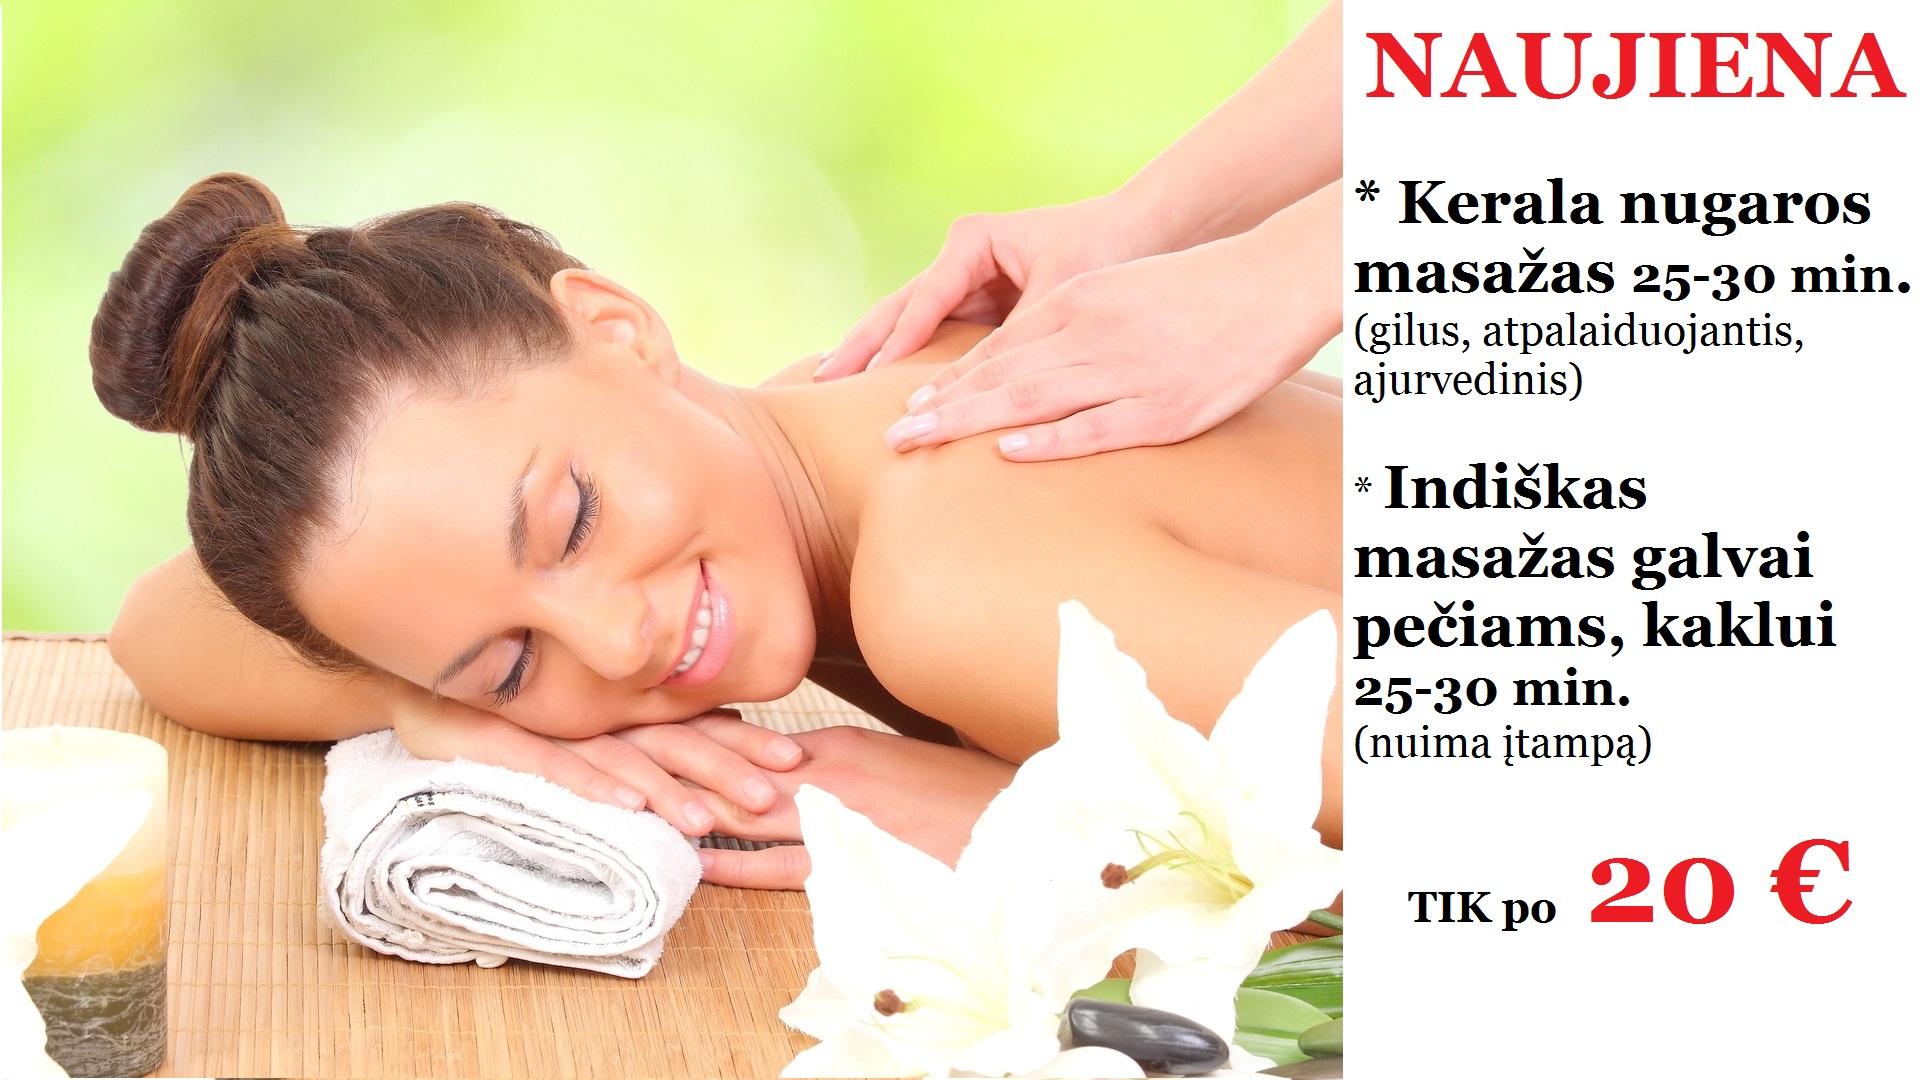 Kerala nugaros masažas